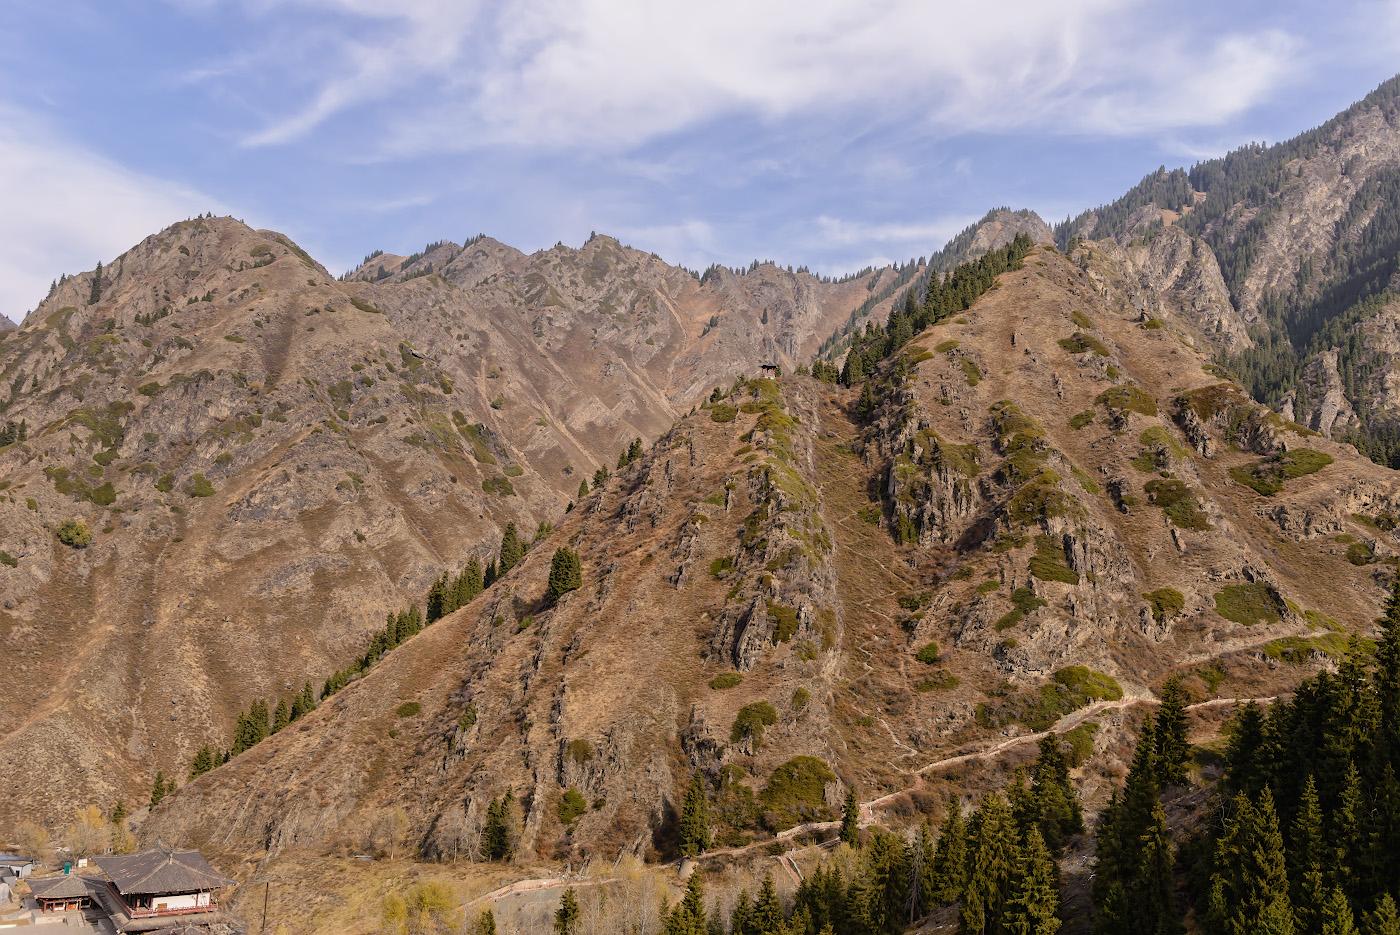 Фото 6. Одинокая беседка на вершине горы. Если бы в Тяньчи (Tianchi Lake) мы шли пешком, обязательно поднялись бы по той извилистой тропке. Отчет об экскурсии из Урумчи, столицы Синьцзян-Уйгурского автономного района в Китае. Снято через окно автобуса. 1/800, 8.0, 560, 32.